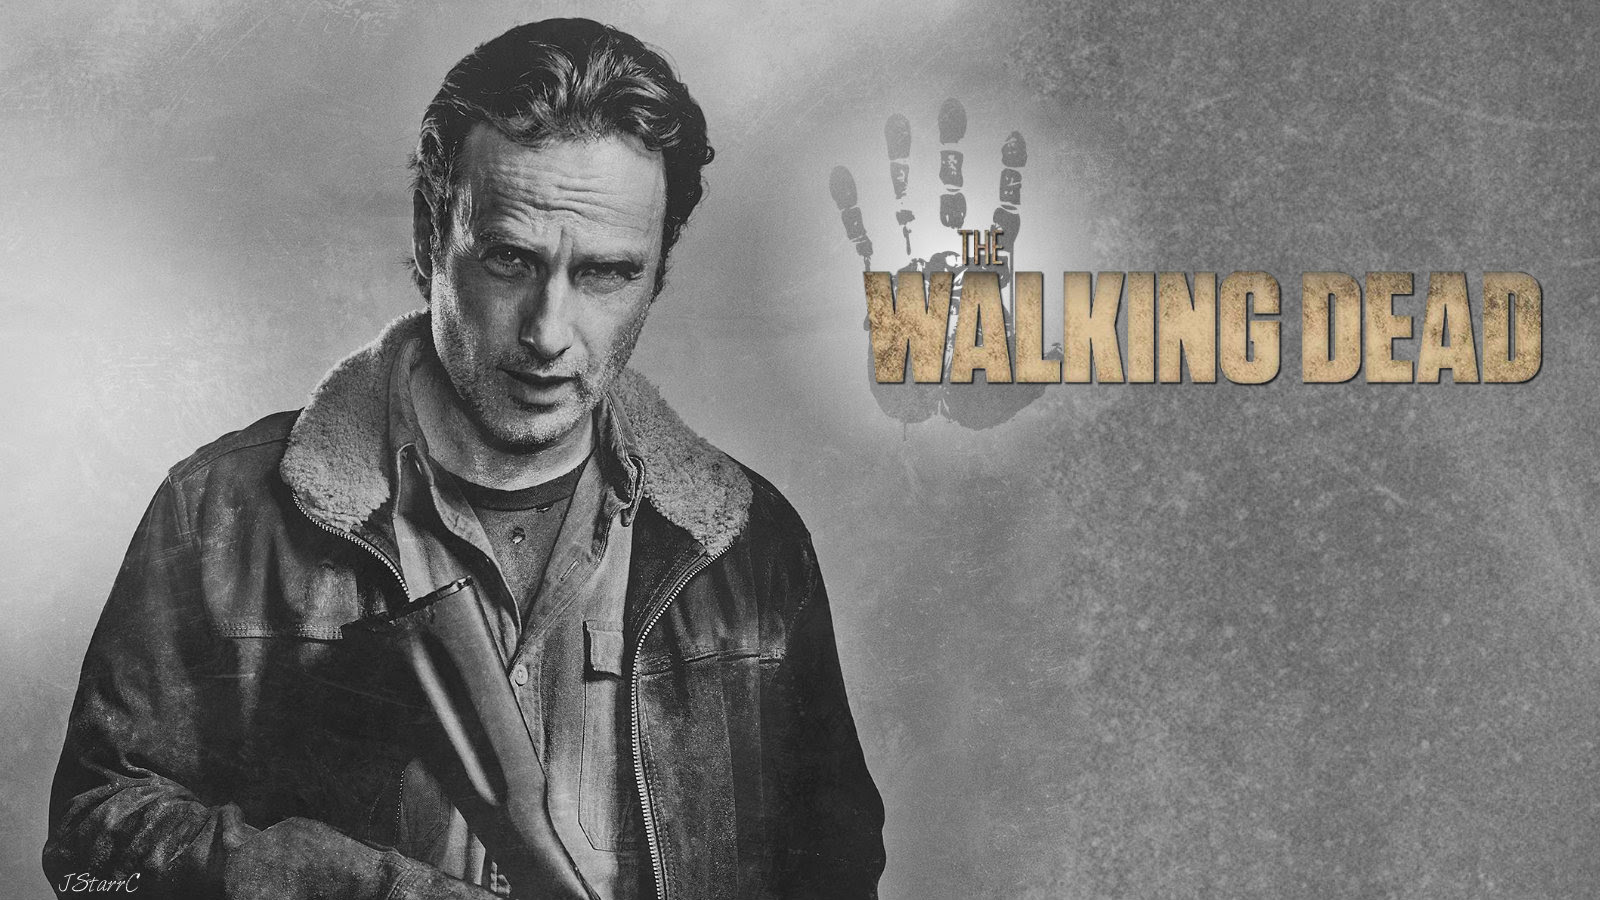 Rick Grimes The Walking Dead Wallpaper 39470023 Fanpop